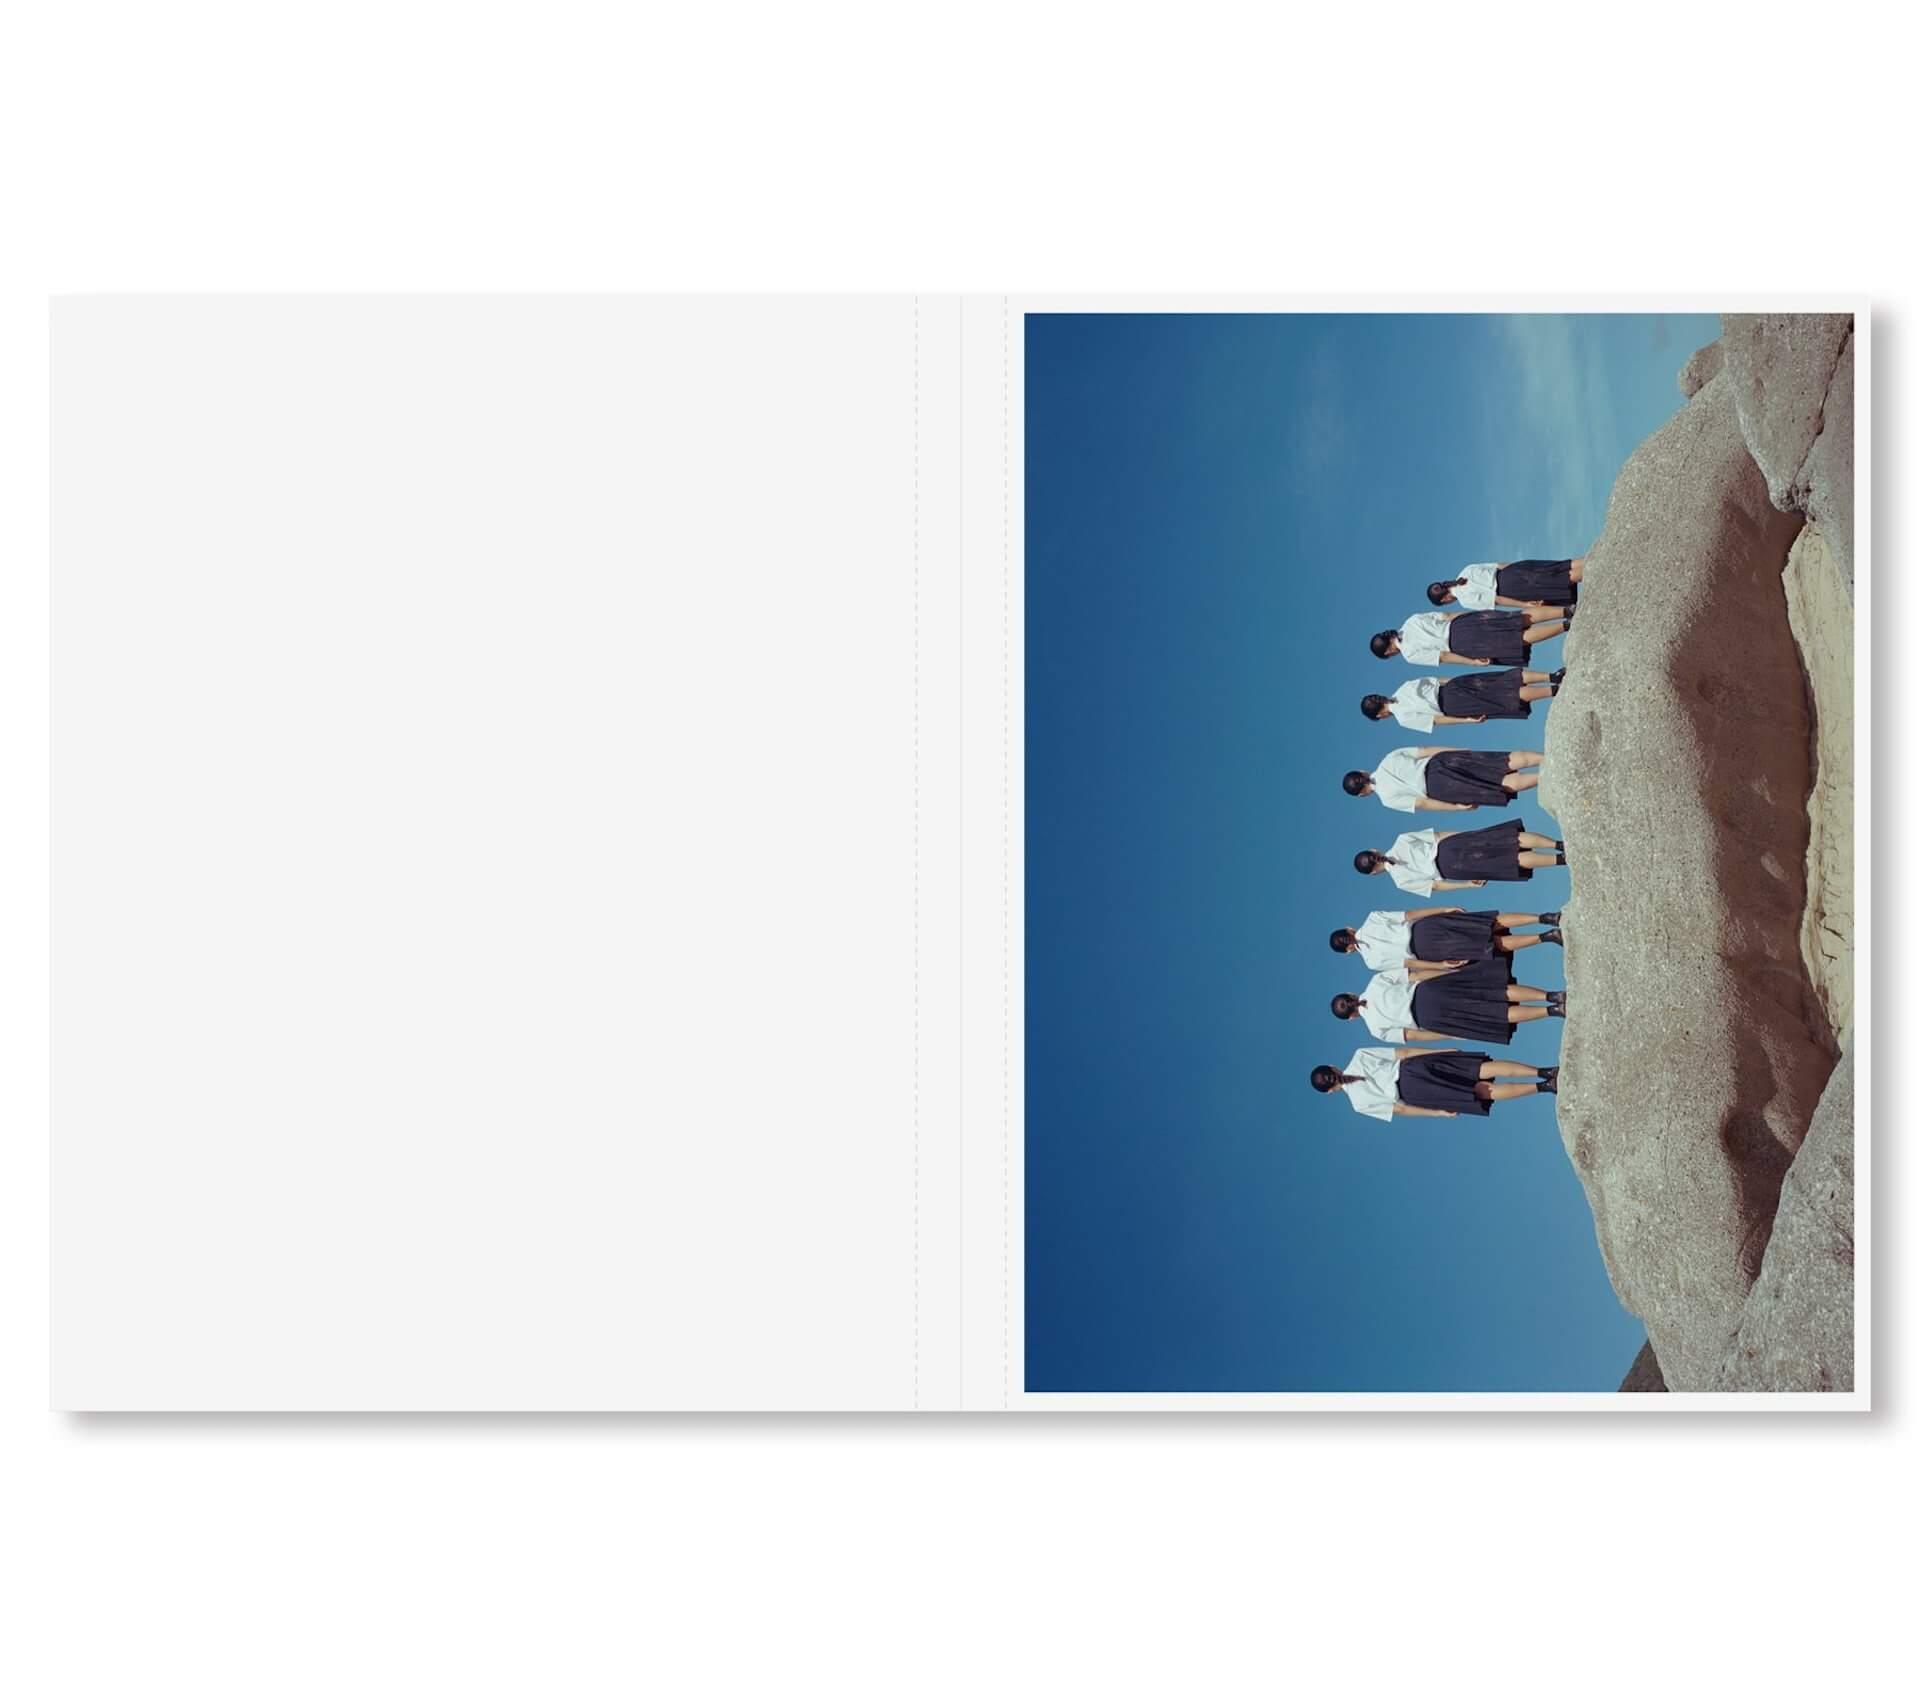 アートブックノススメ|Qetic編集部が選ぶ4冊/横浪修 他 column210730_artbook-011